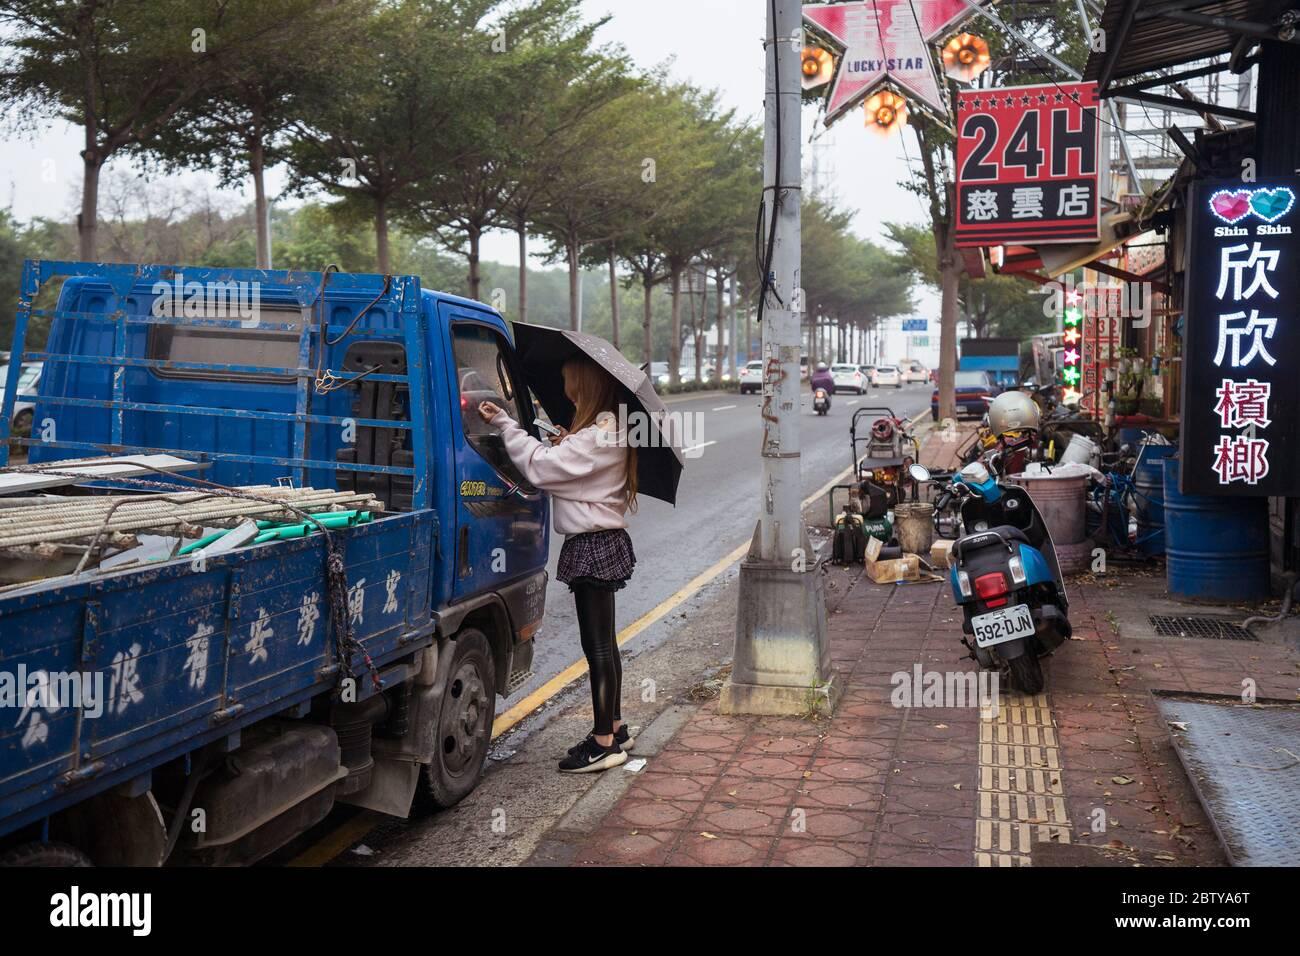 Hsinchu / Taiwan - 15 settembre 2019: Negozi che vendono noci di betel nelle strade di una città di Taiwan Foto Stock